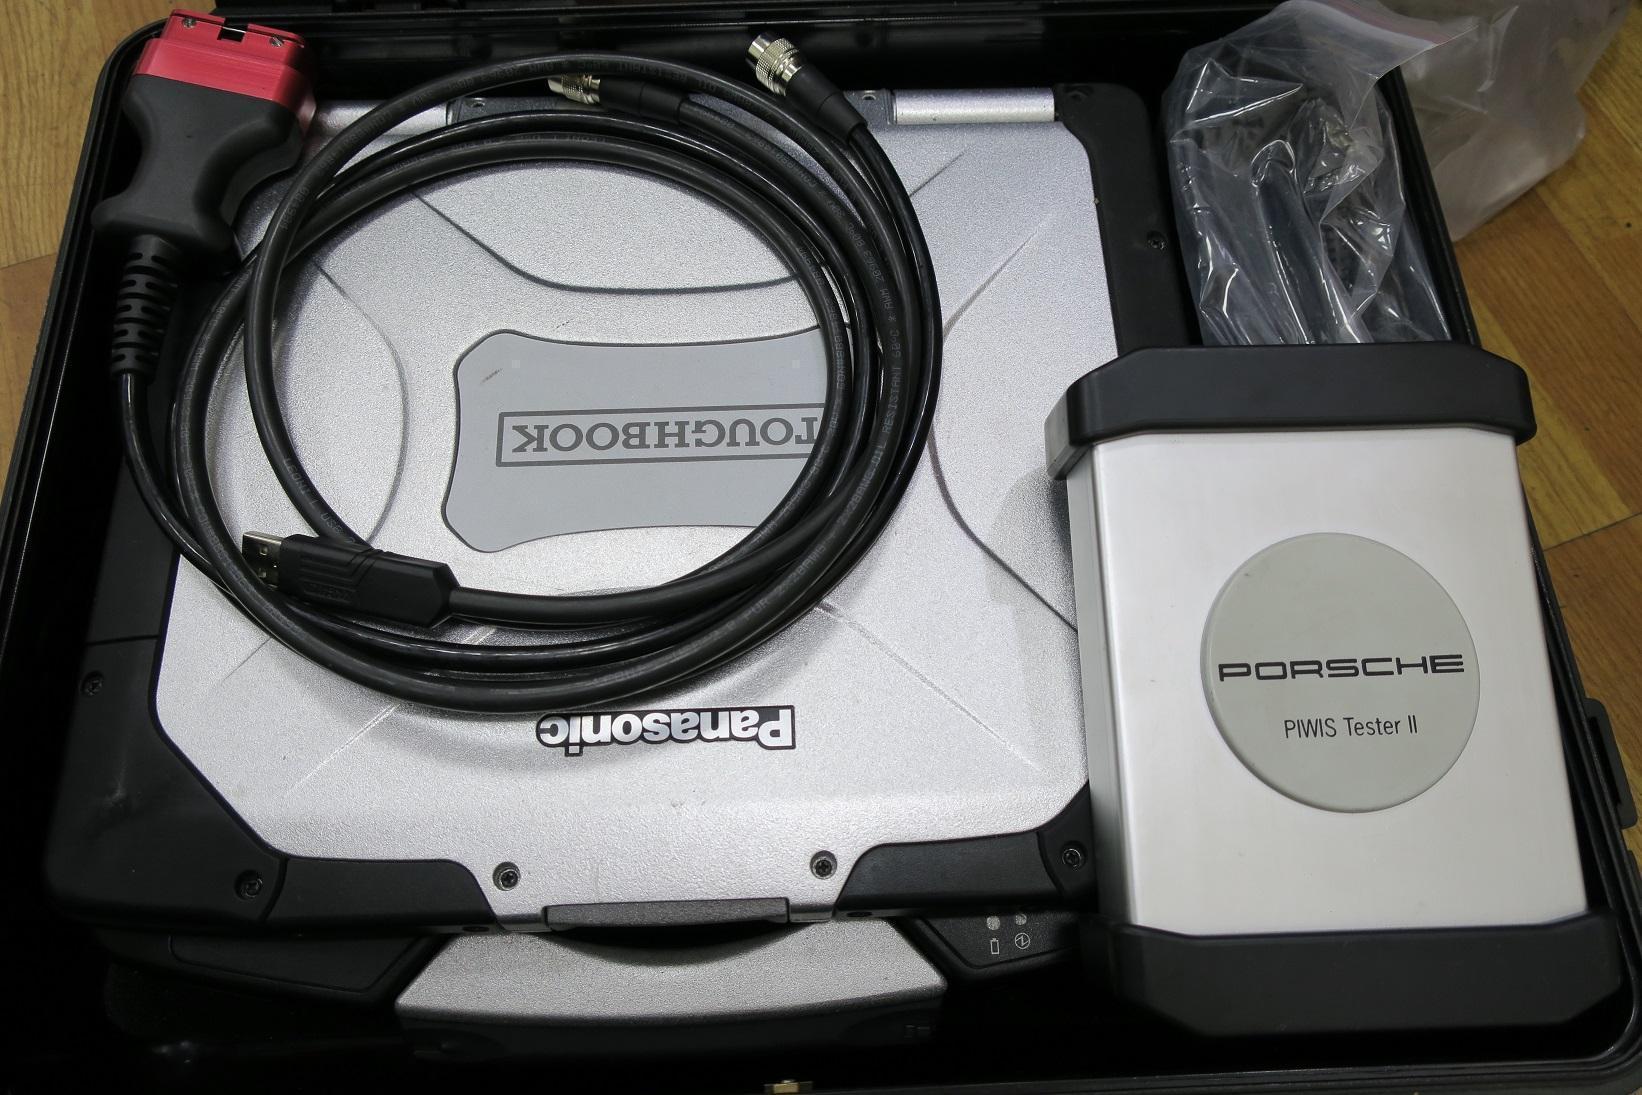 PORSCHE原廠工程版診斷電腦系統。